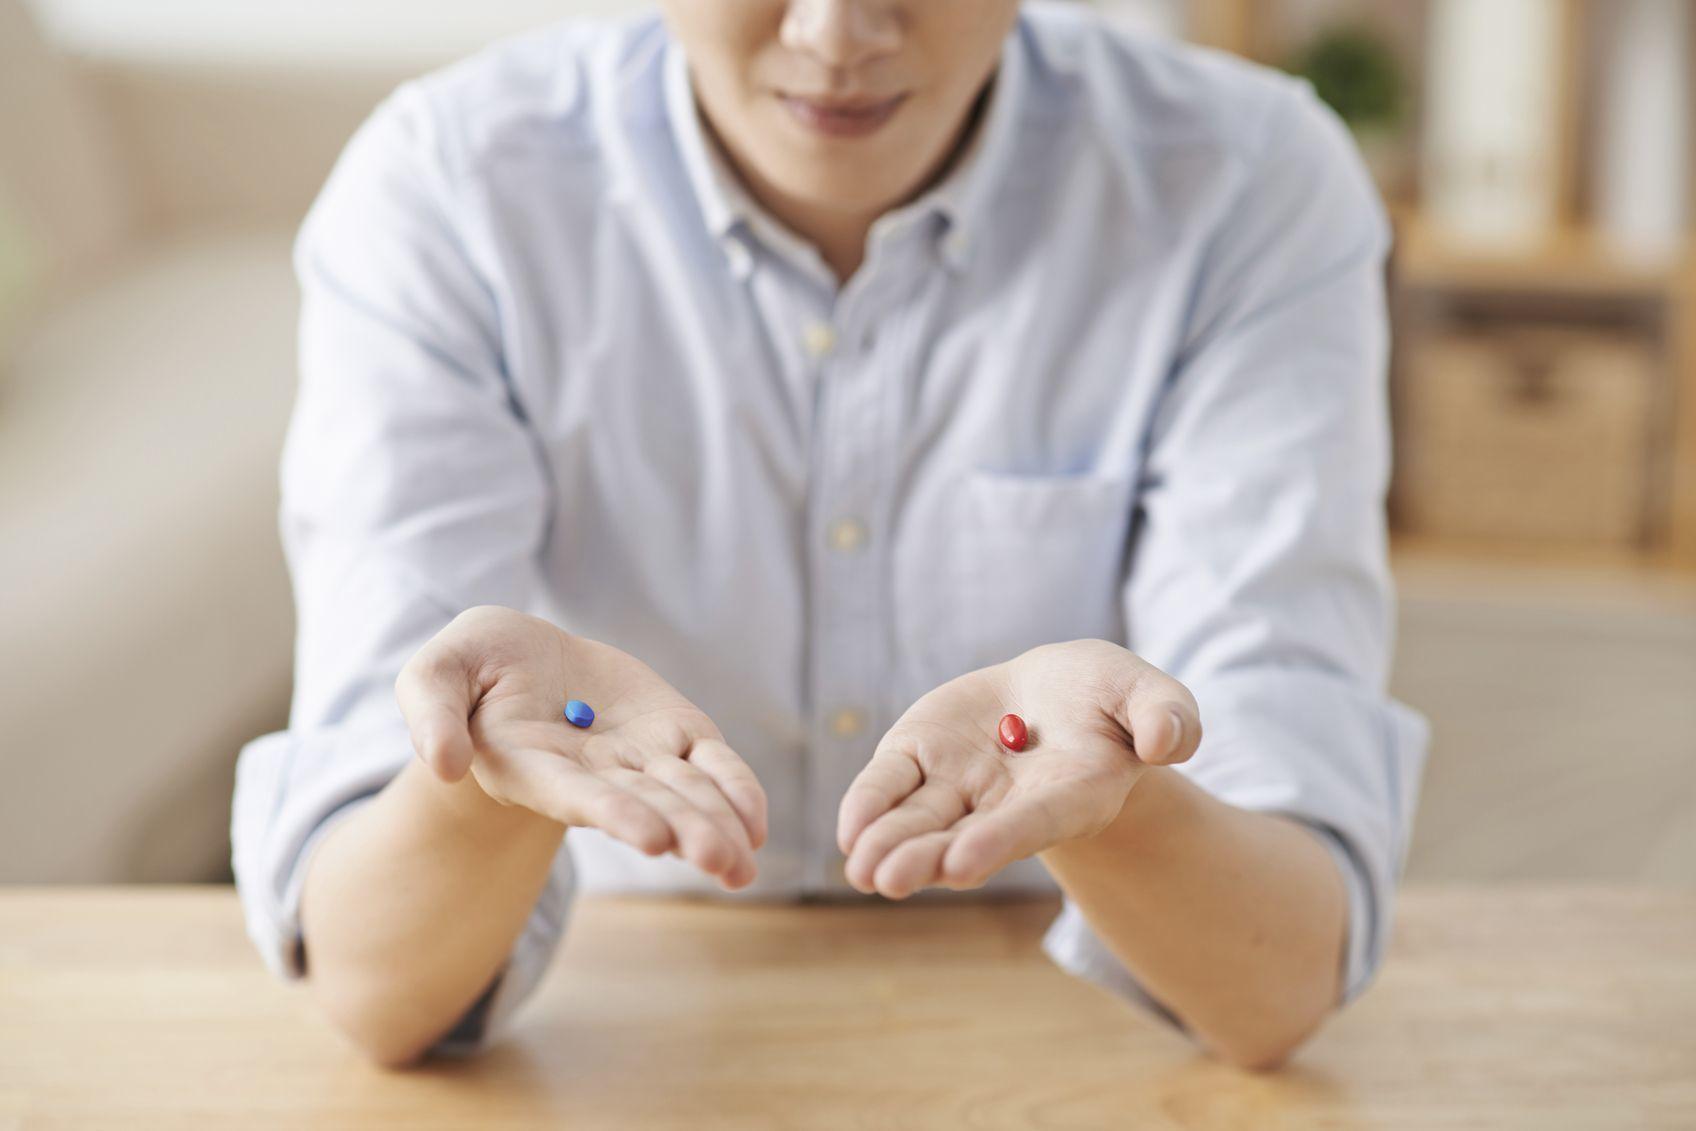 育毛剤 即効性を重視するときはAGA治療薬